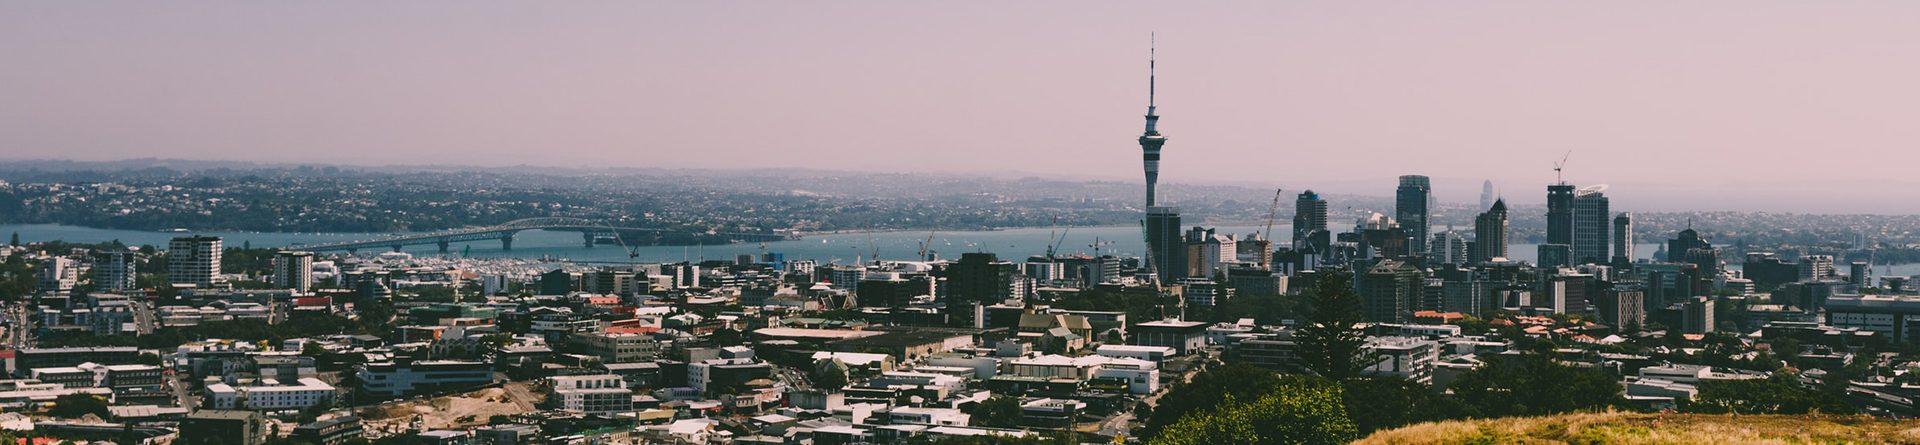 Переезд в Новую Зеландию через образование